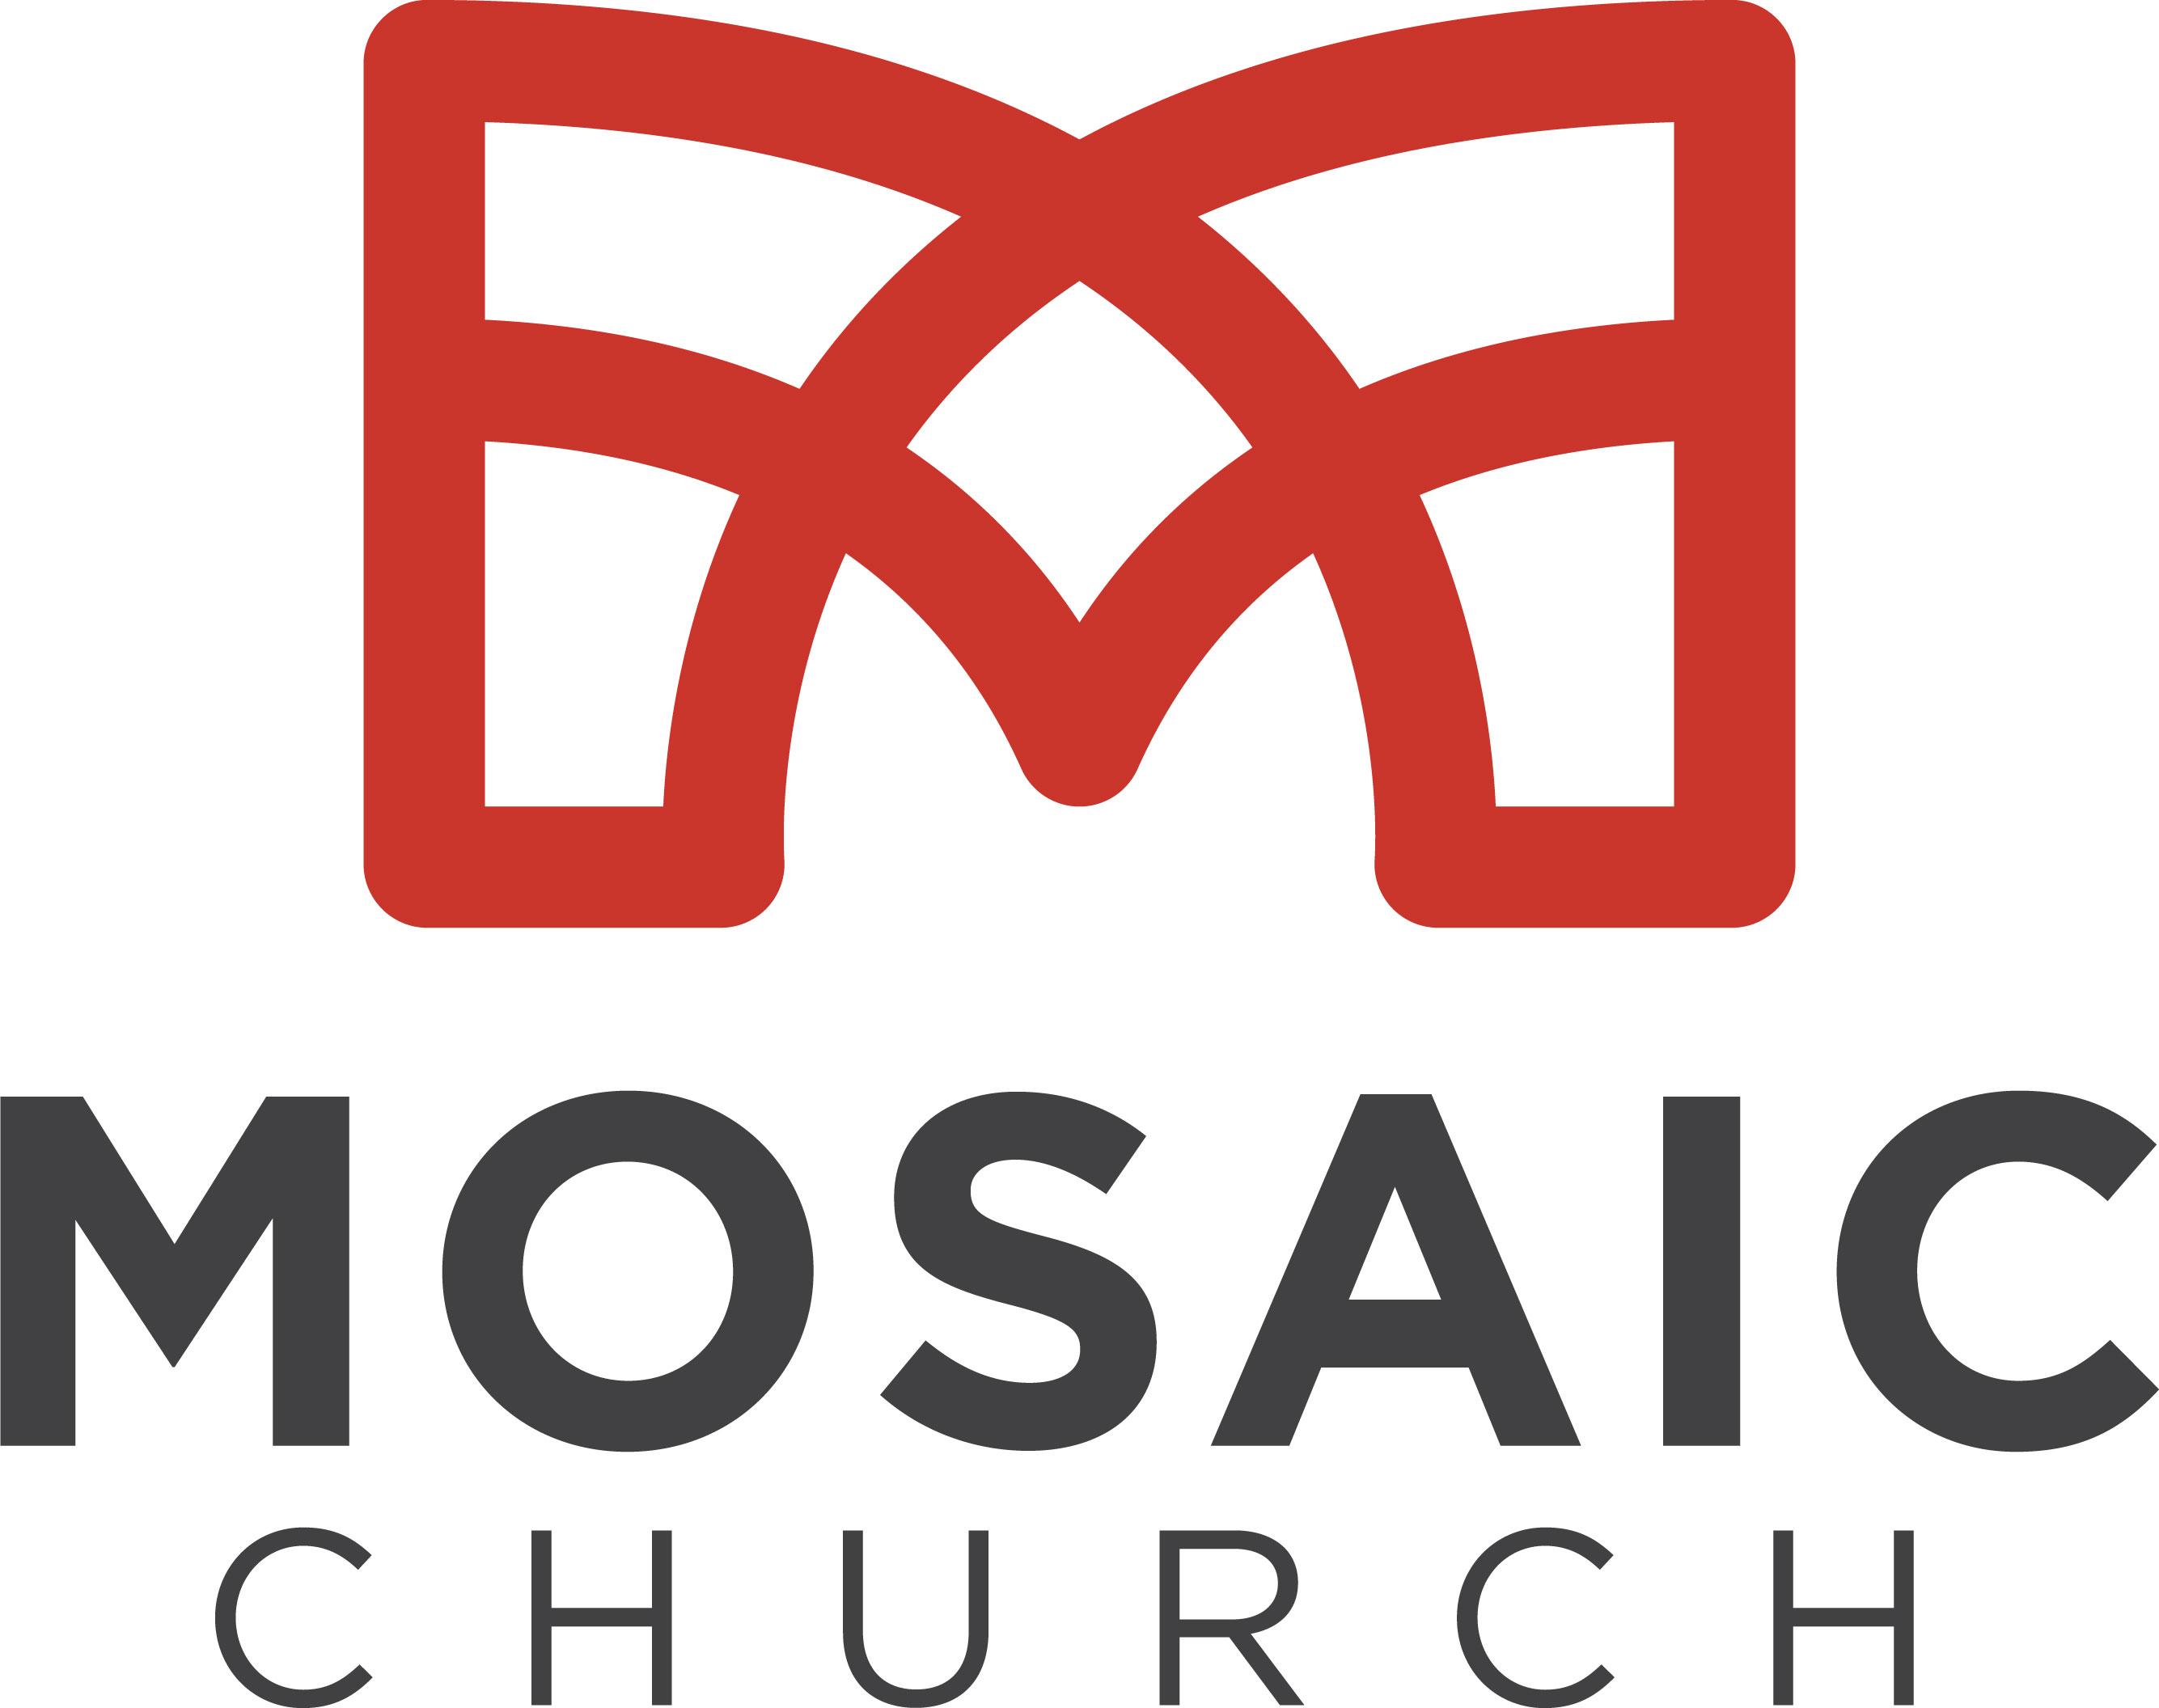 Mosaic Church Online